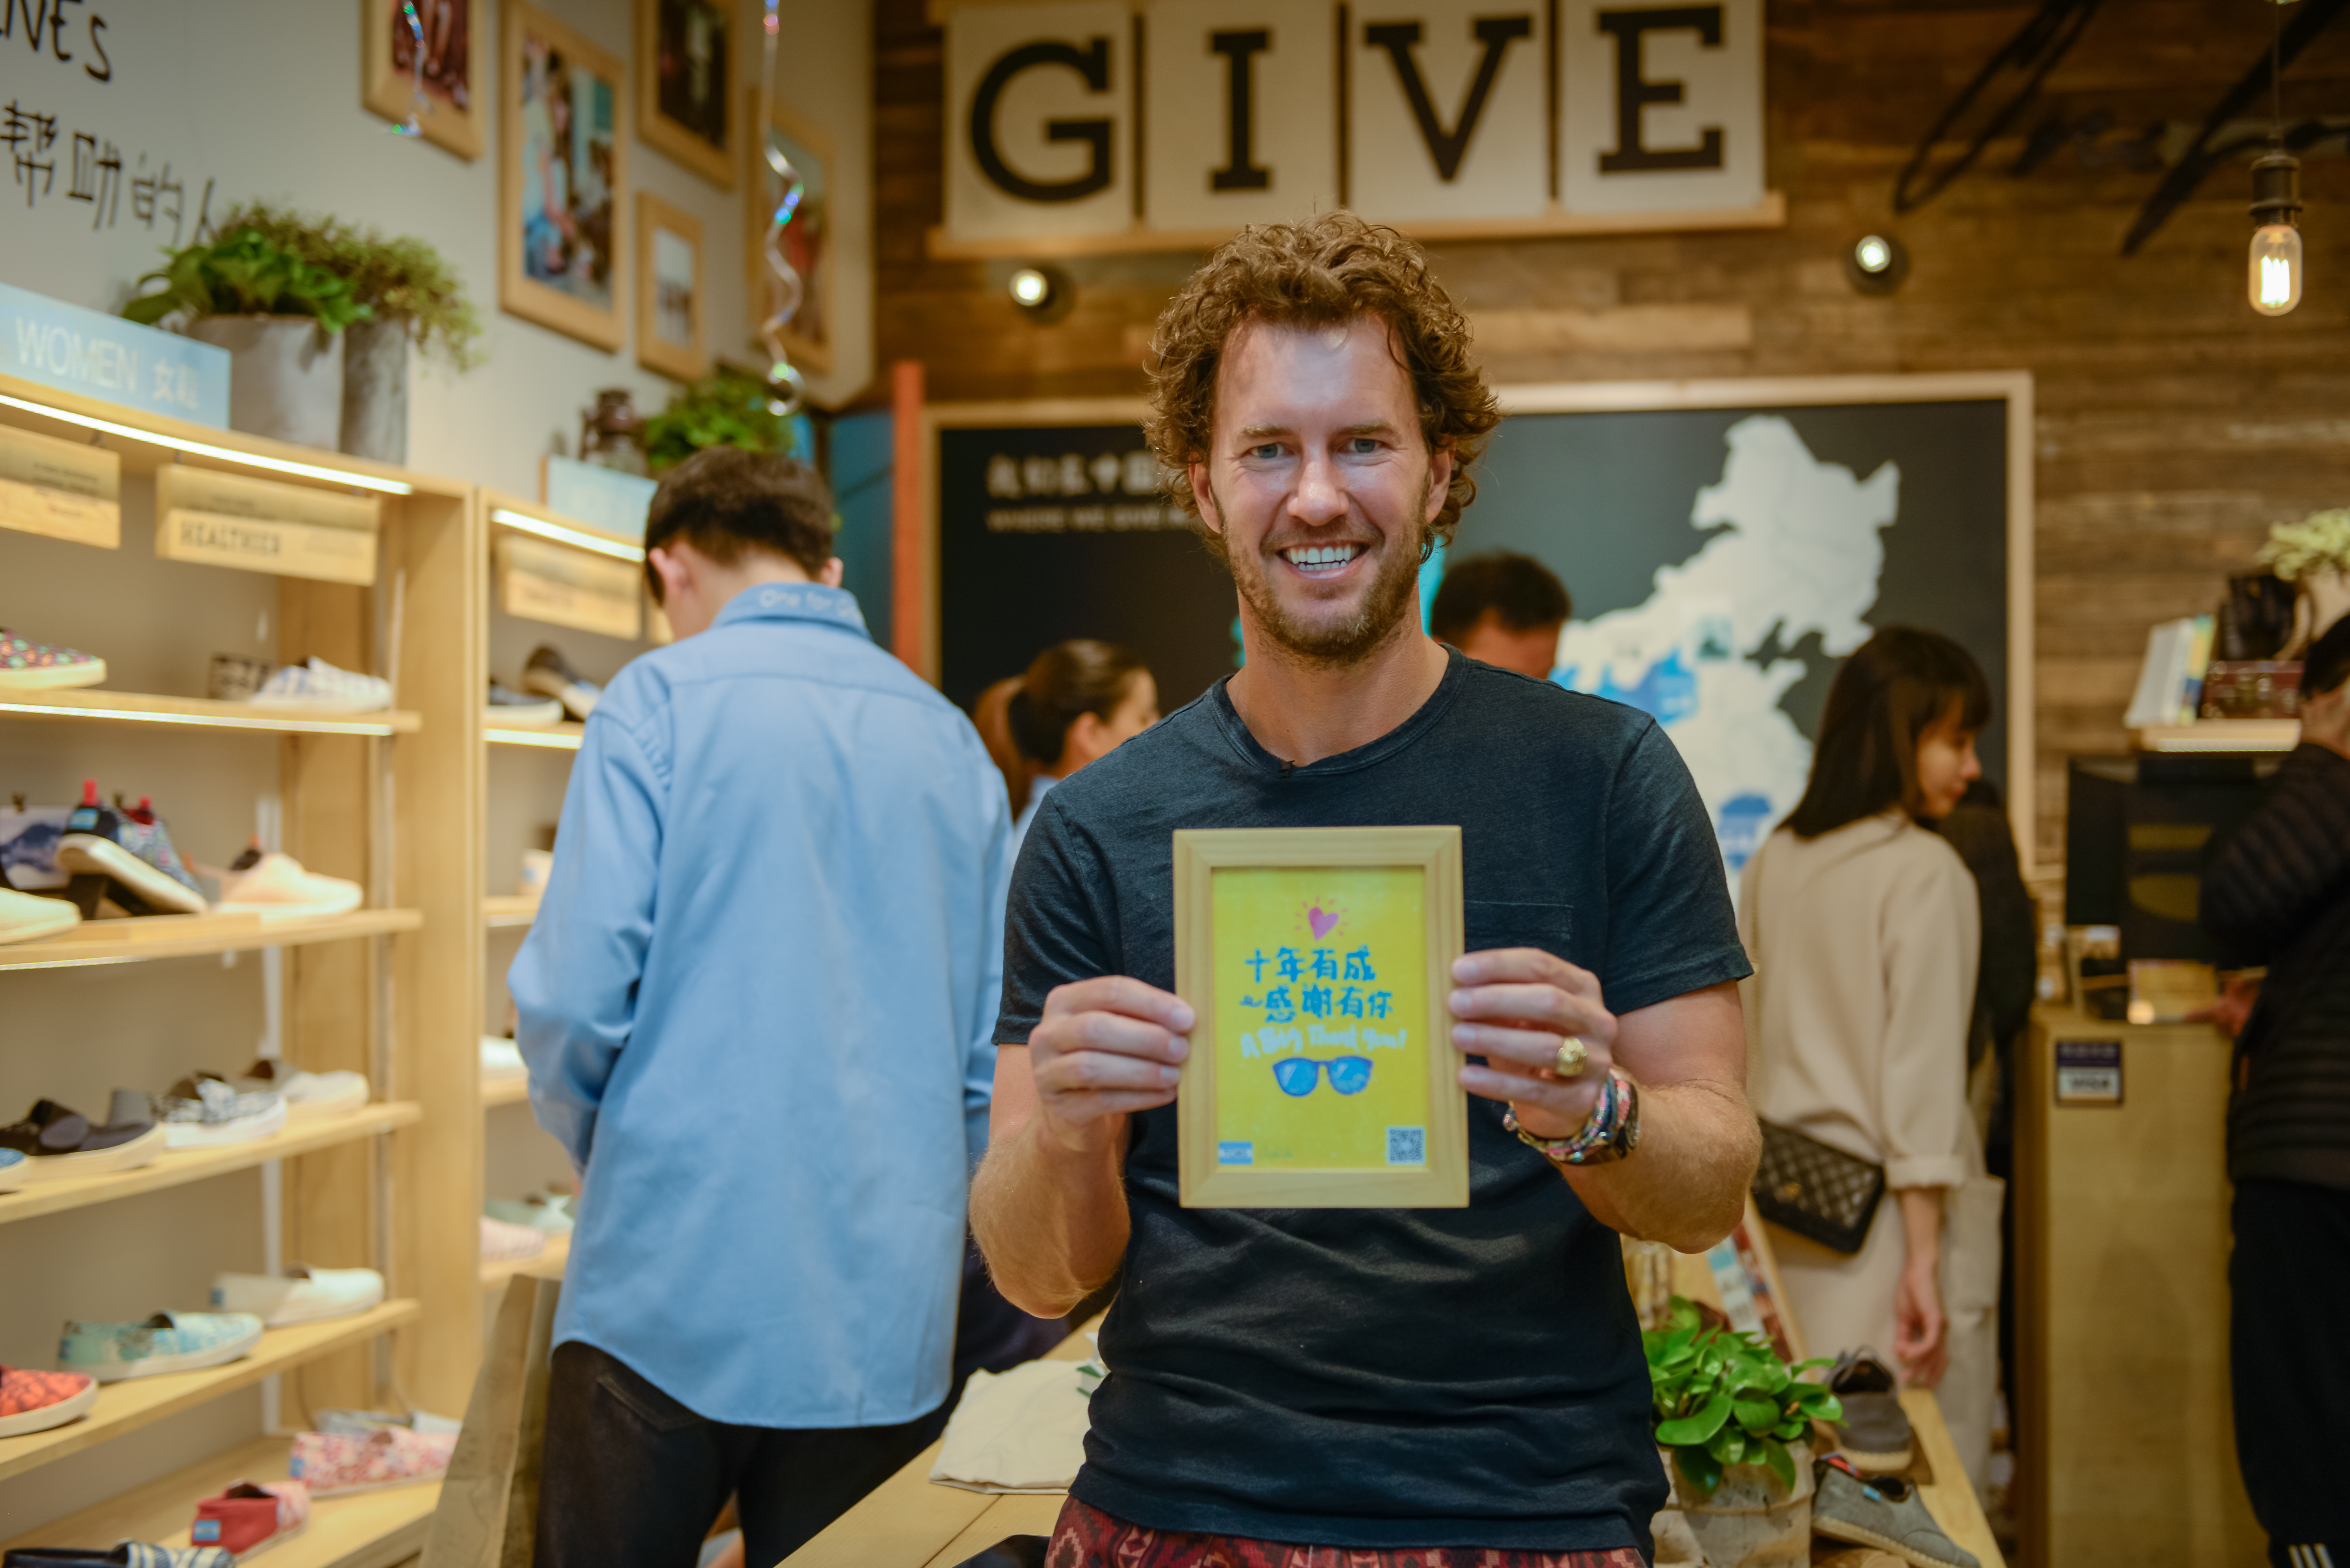 【华丽人物志】独家专访全球最成功的公益时尚品牌 TOMS 创始人 Blake Mycoskie